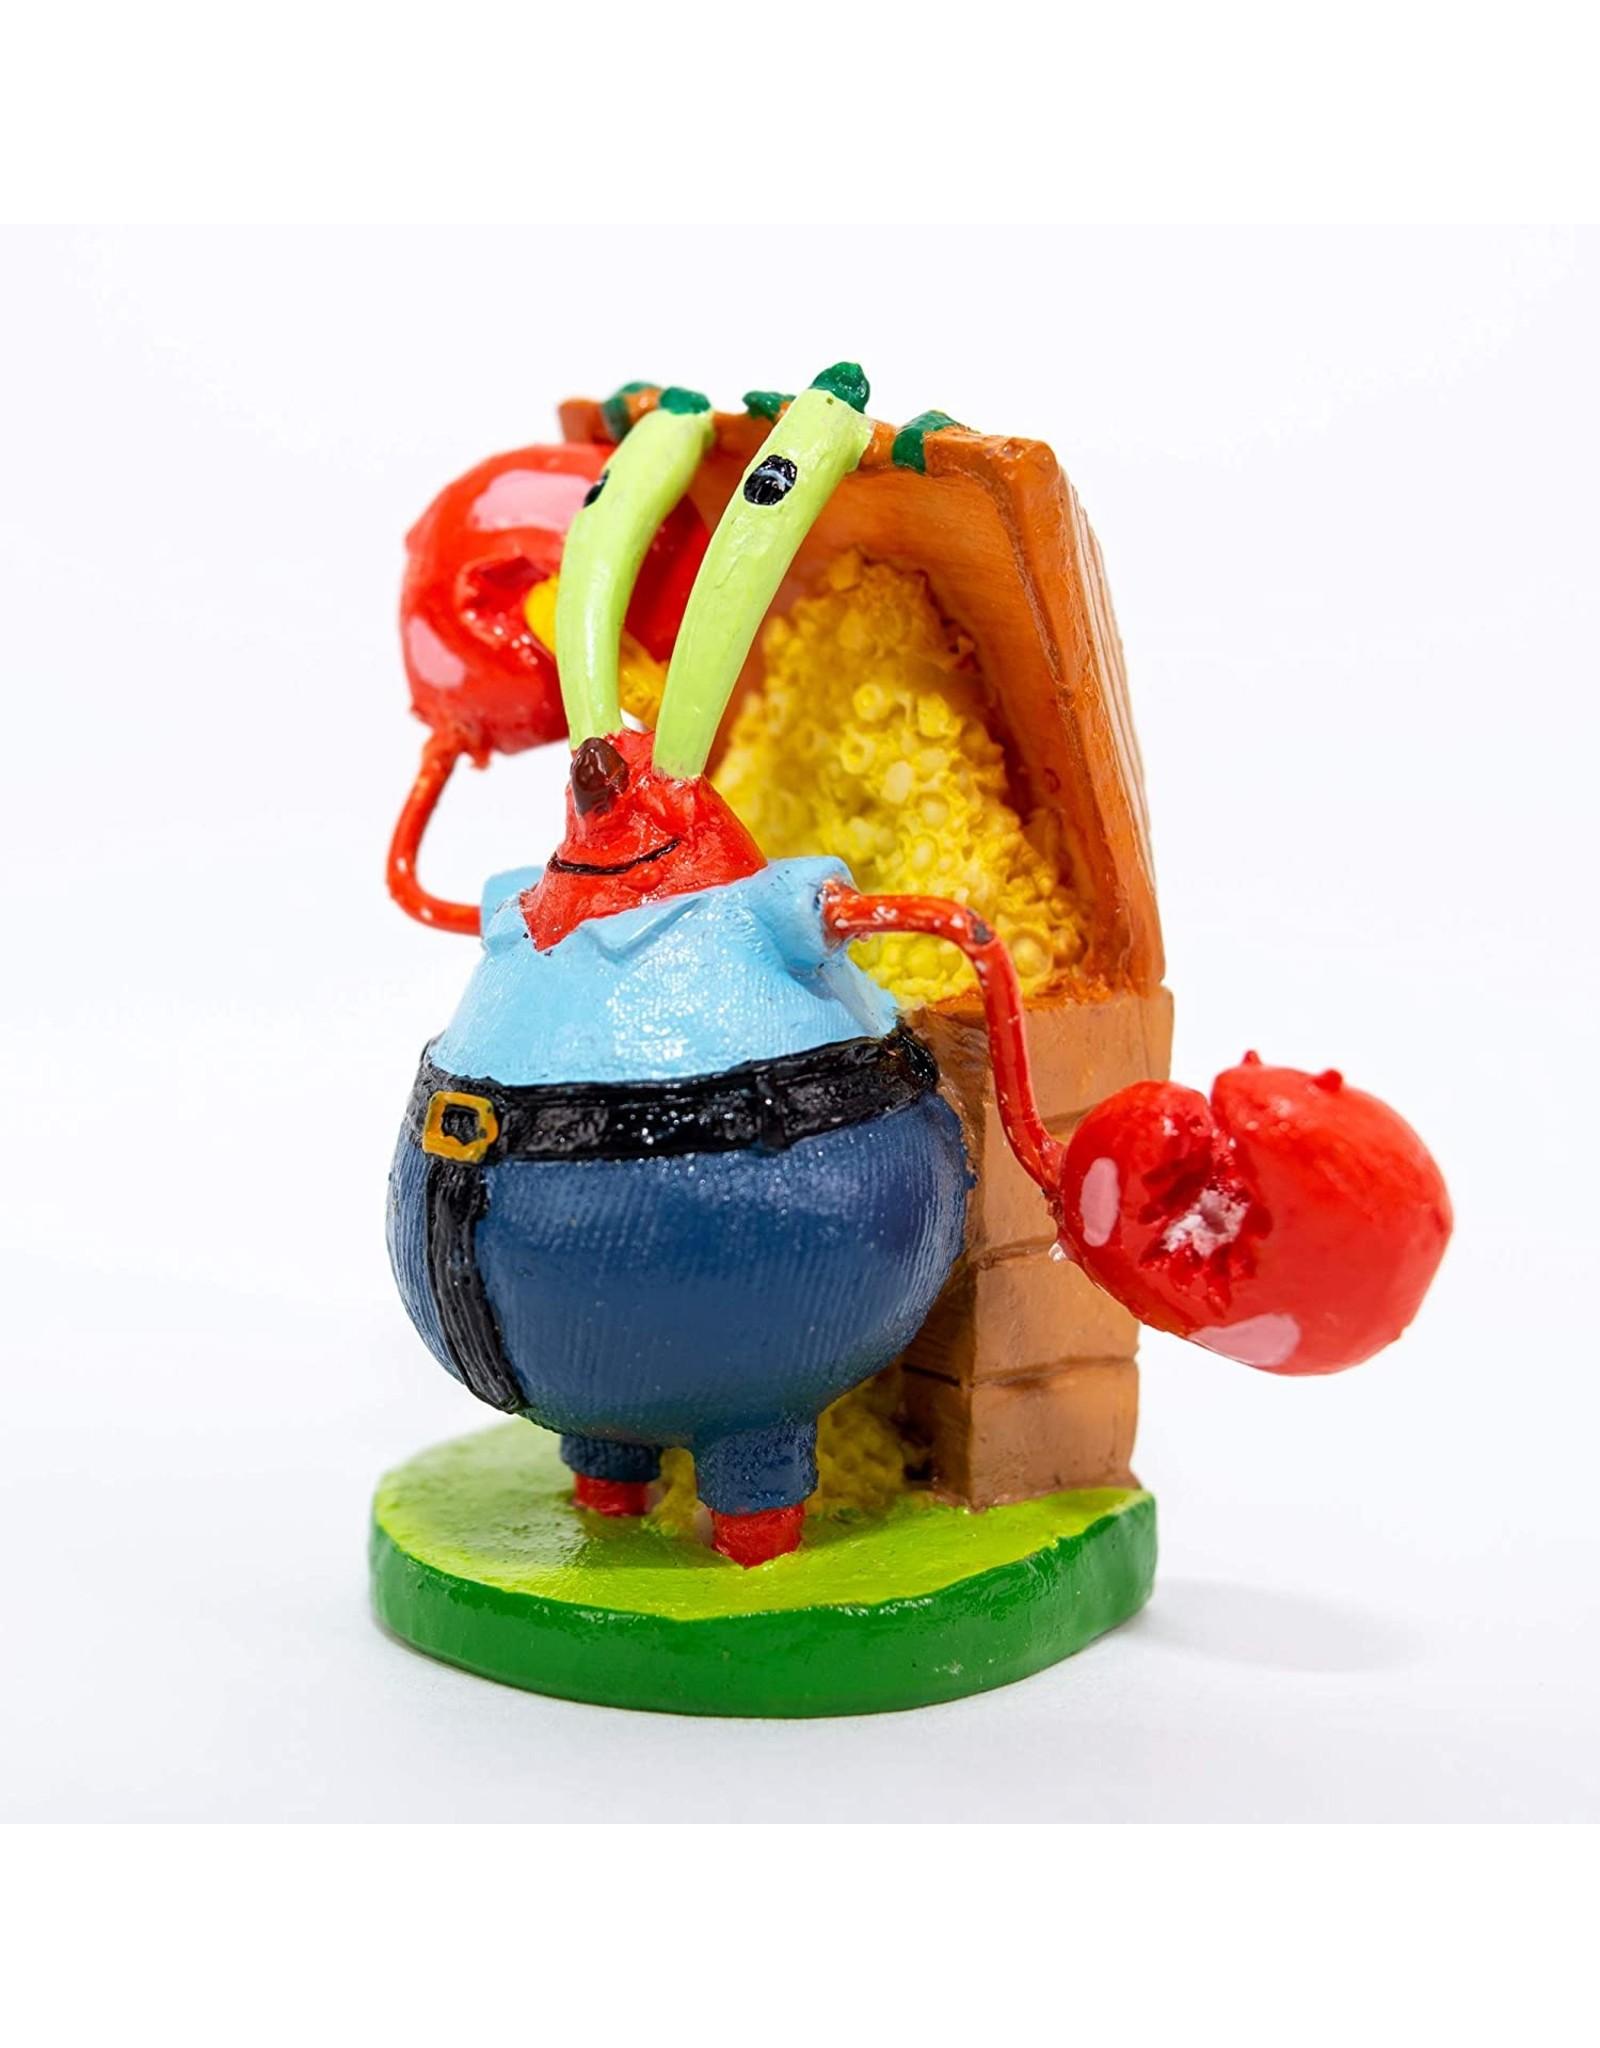 Penn Plax PENN PLAX Spongebob Ornament Mini Mr. Crabs Licensed